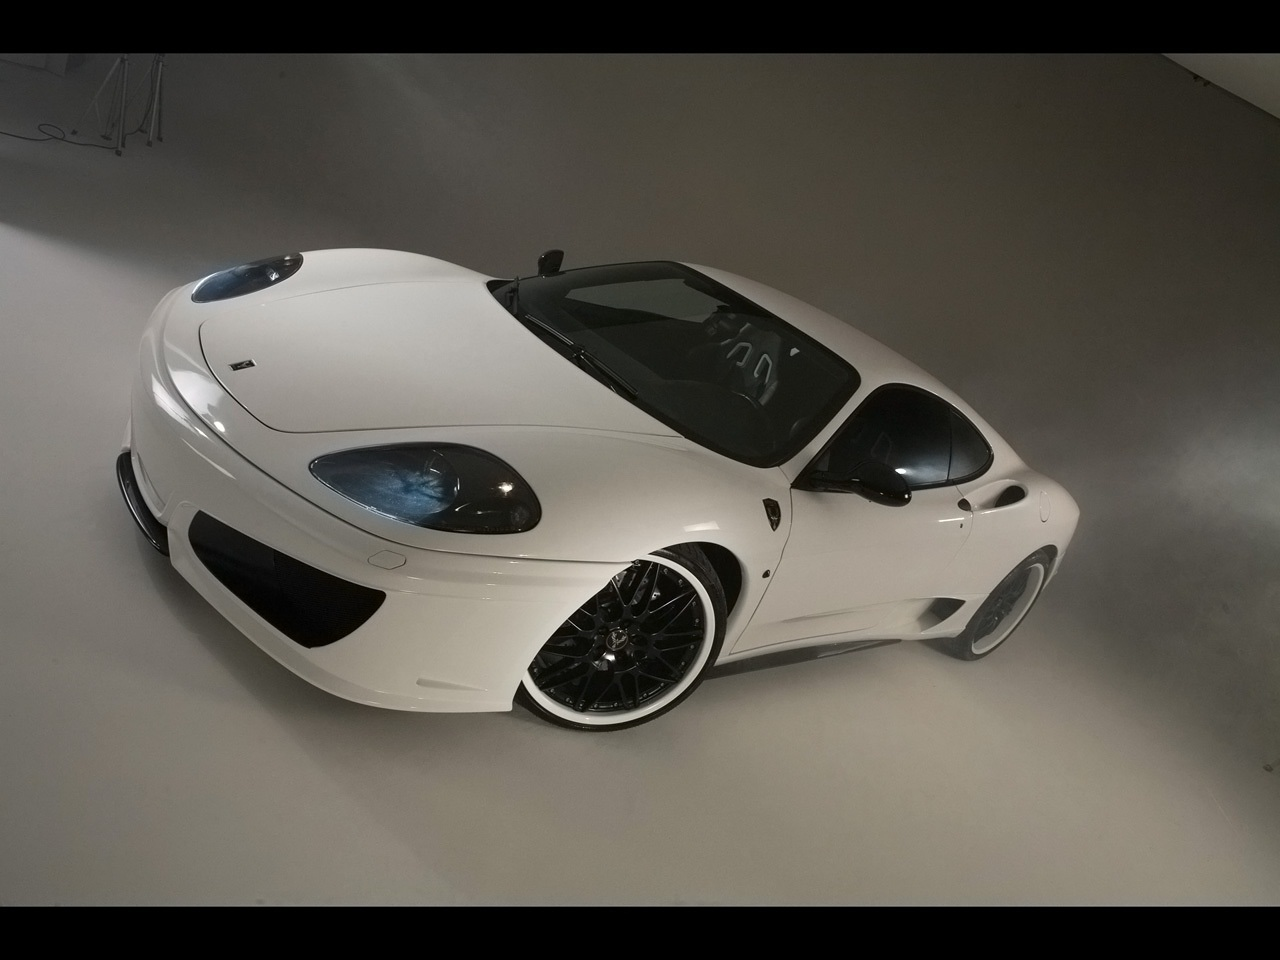 http://2.bp.blogspot.com/-qcQ8XDICNSw/T-jy7y6qWuI/AAAAAAAAMB8/Q_9L1N72uxg/s1600/Fenice-Milano-Ferrari-360-Modena-Su-Misura-F101-00.jpg